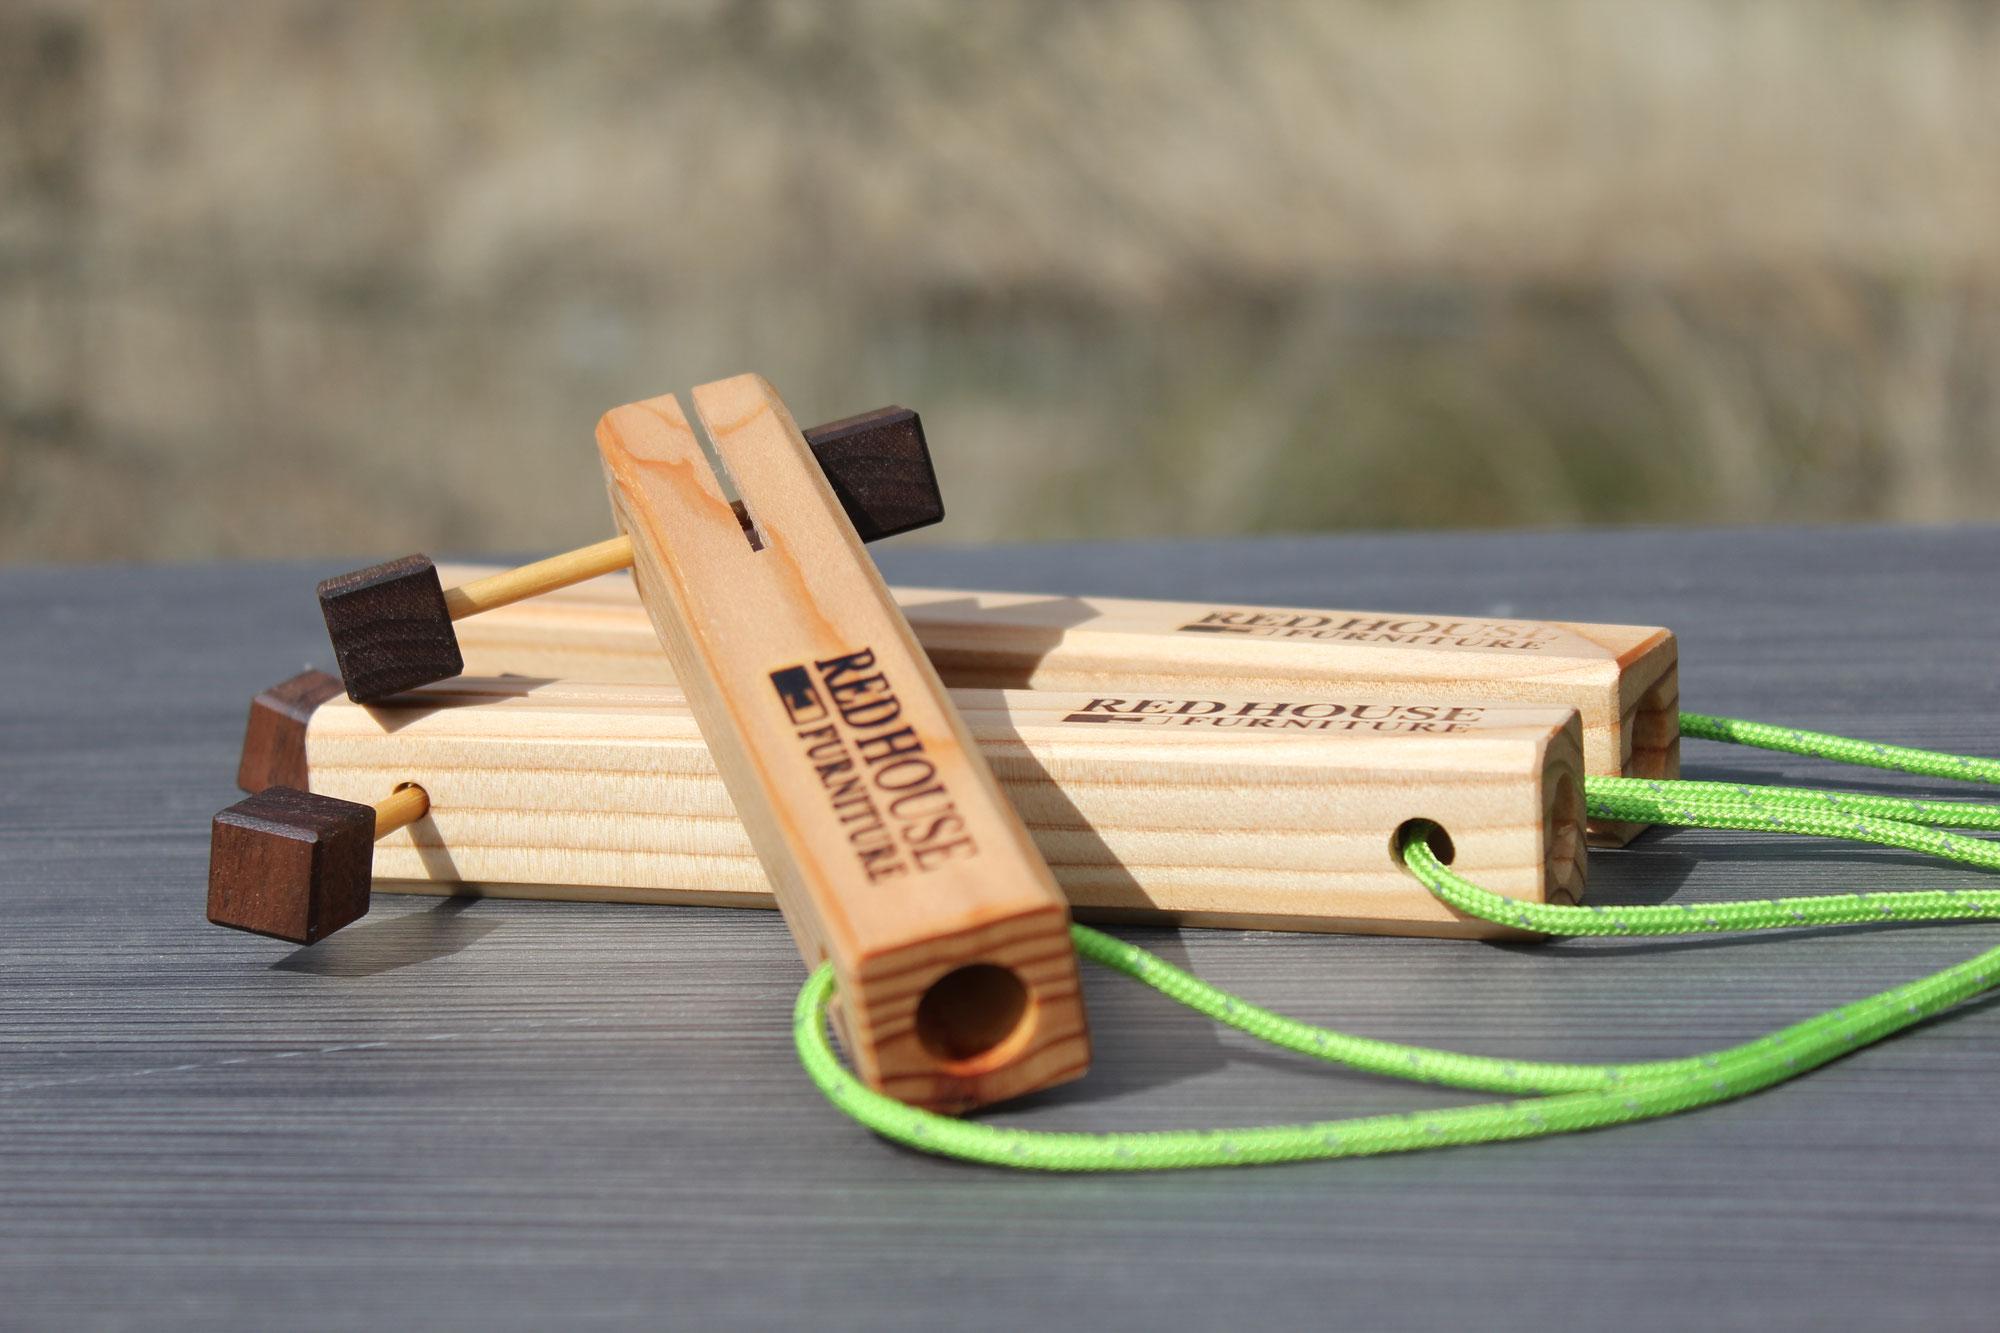 7月31日 「喫茶山雅」様にて木工体験ワークショップ開催